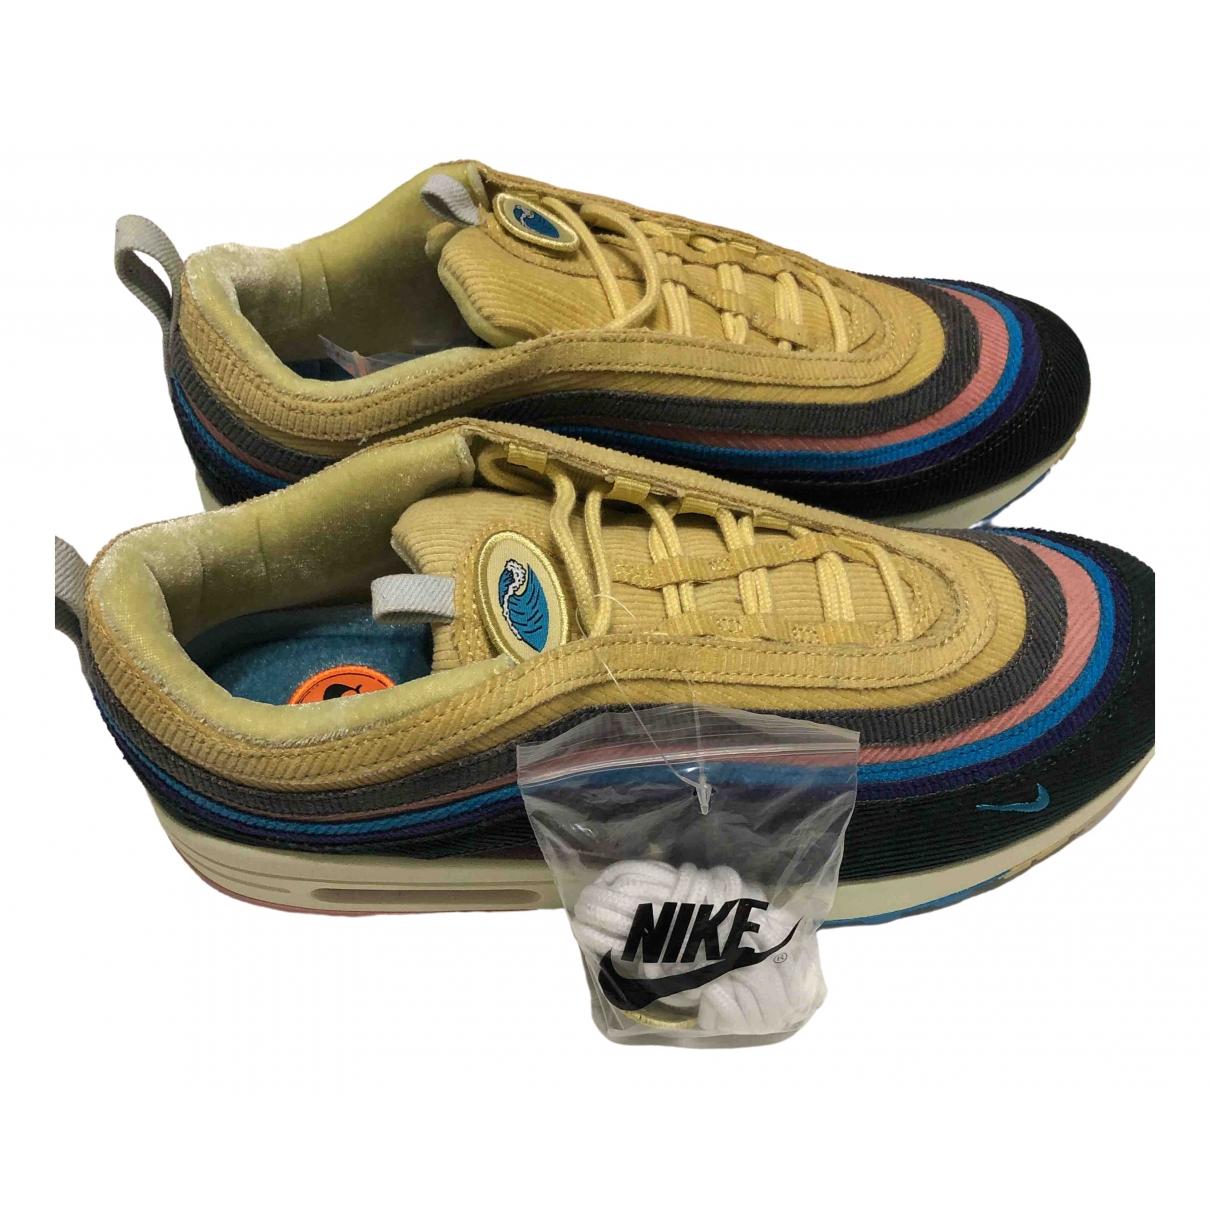 Nike Air Max 97 Sneakers in  Bunt Leder